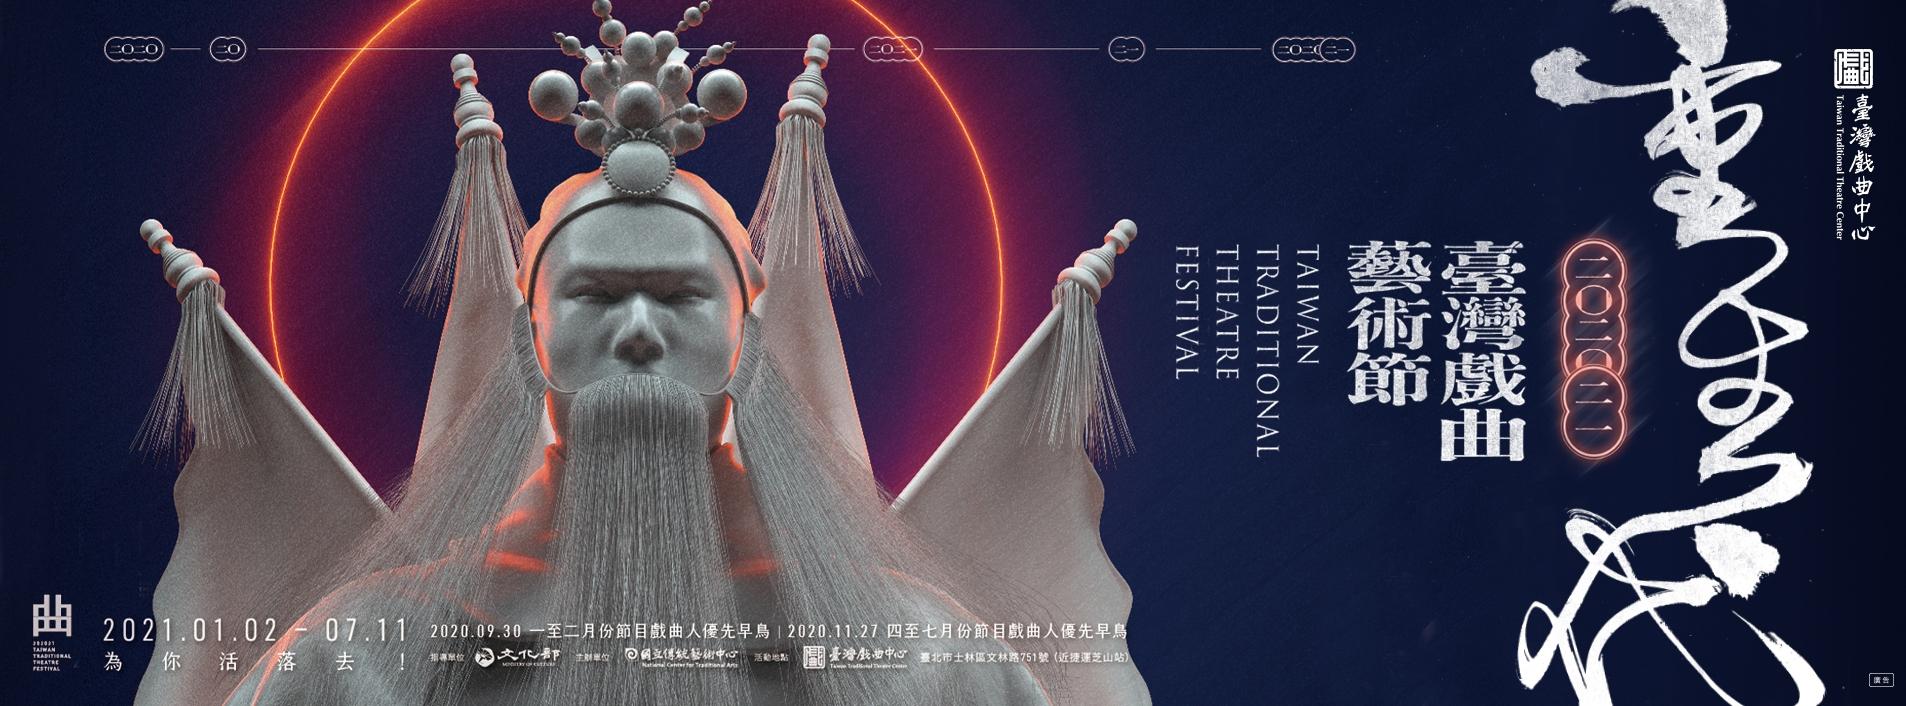 202021臺灣戲曲藝術節「另開新視窗」